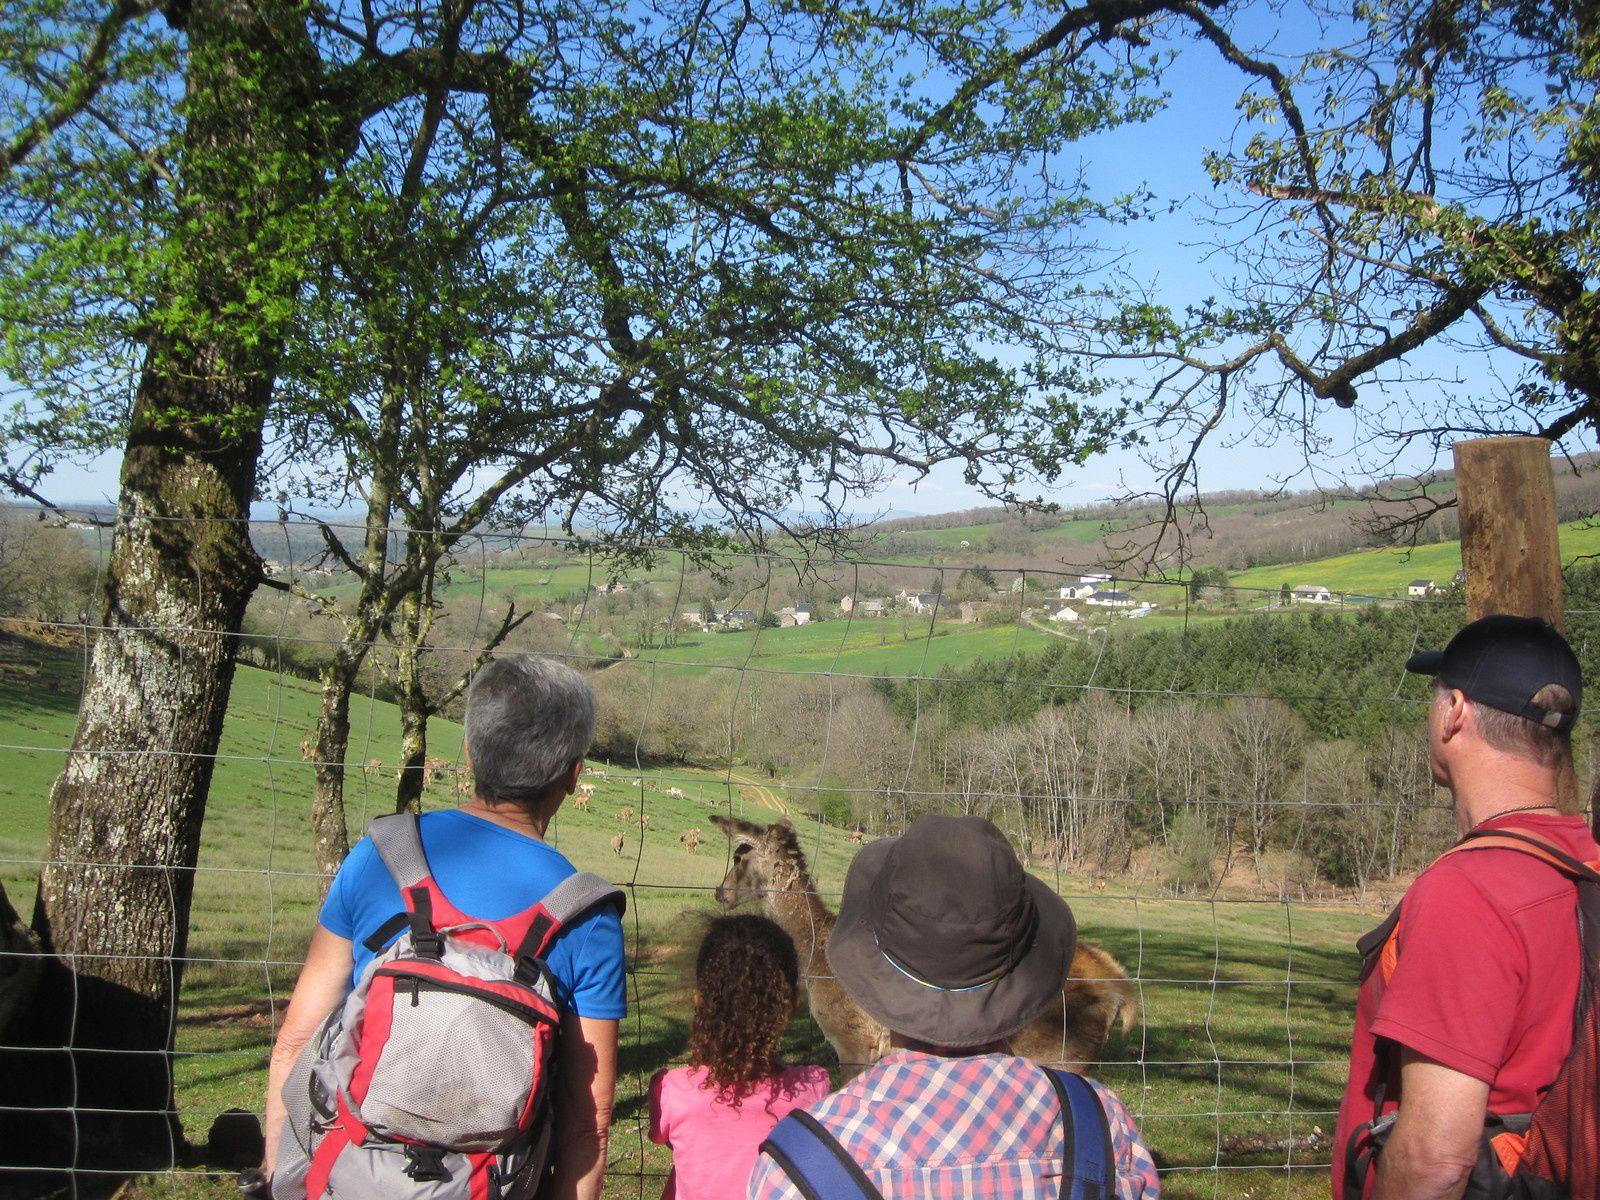 biches, cerfs, moufflons, lamas, faons : les uns s'approchent, les autres fuient à notre arrivée